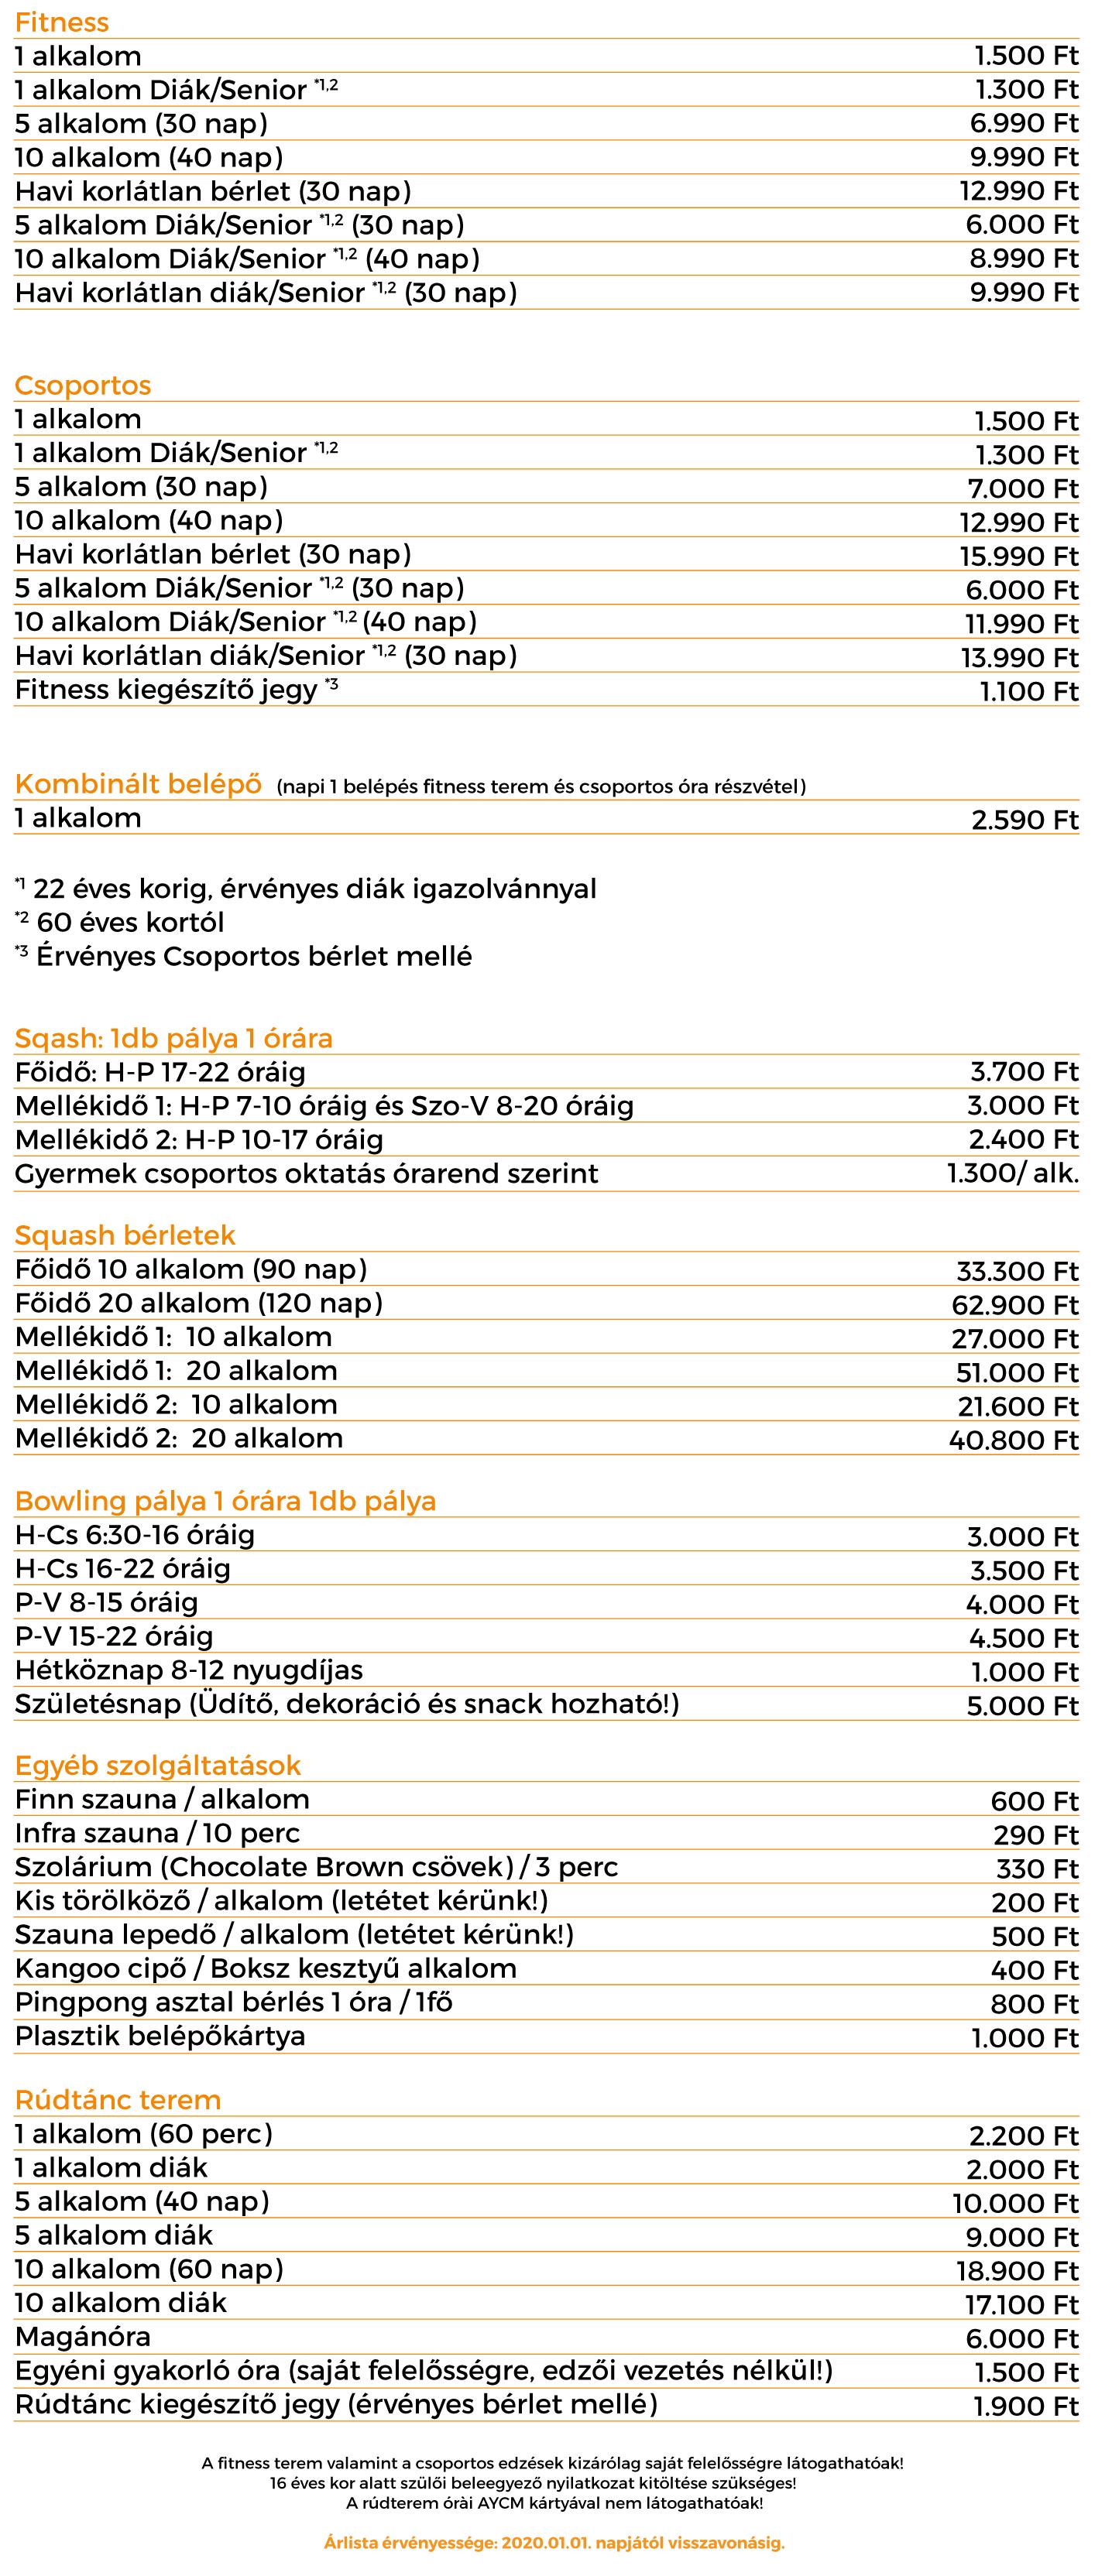 A4-Arlista-2020-01.ai